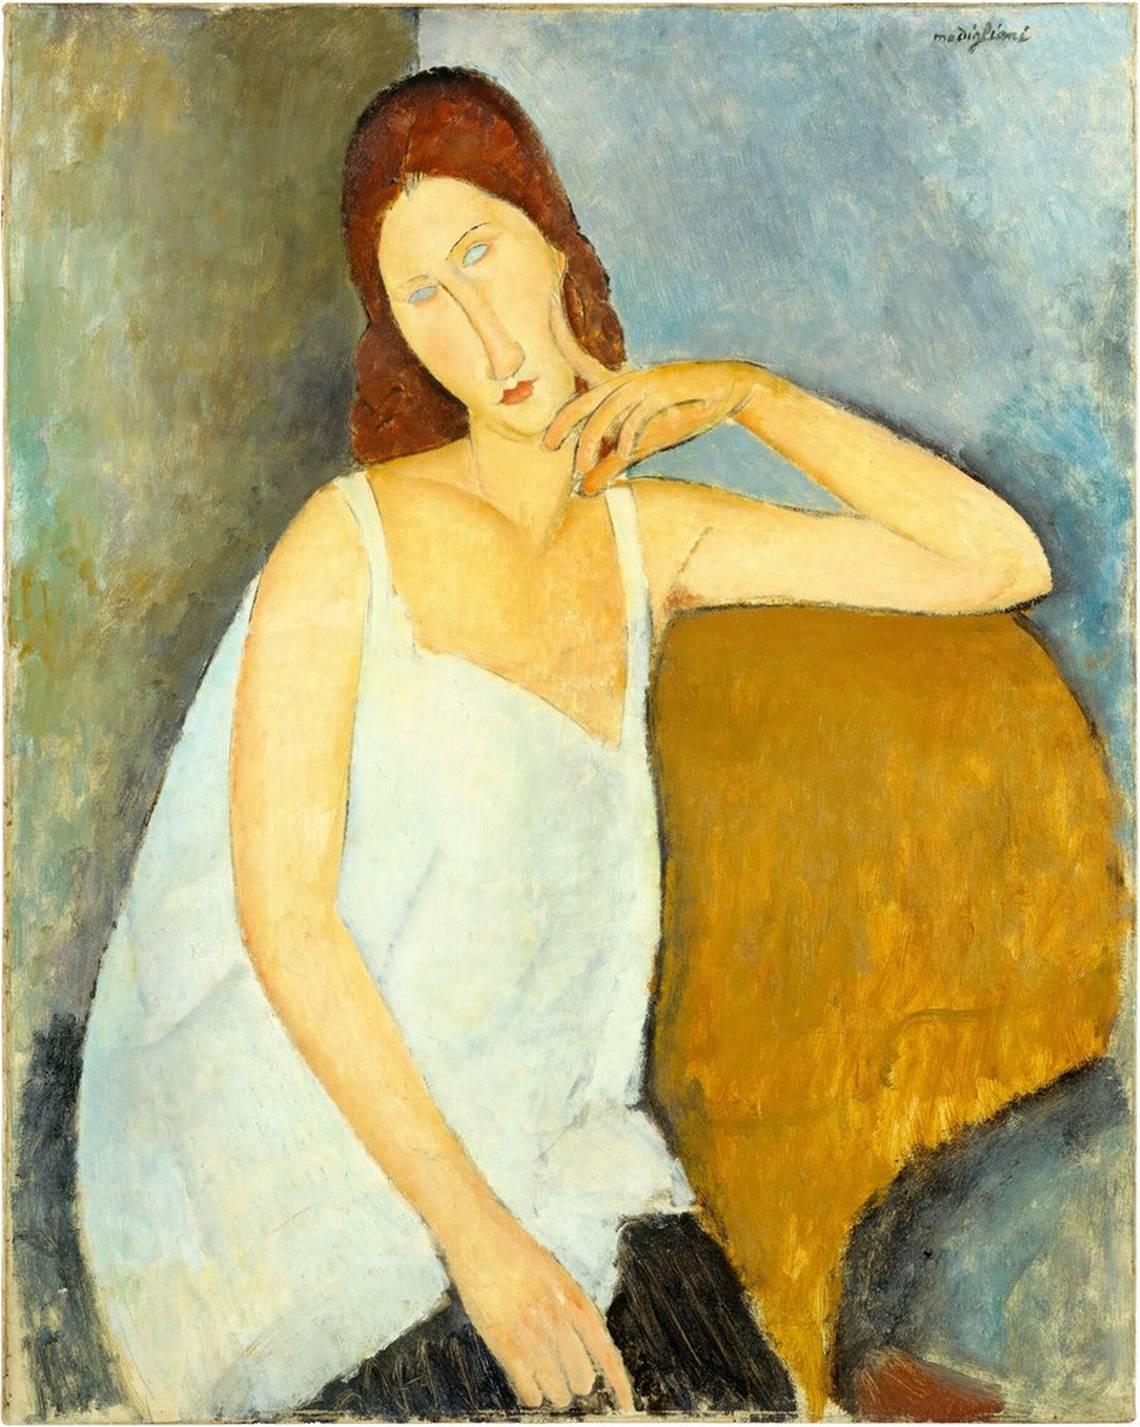 Amedeo Modigliani, Jeanne Hébuterne, 1919